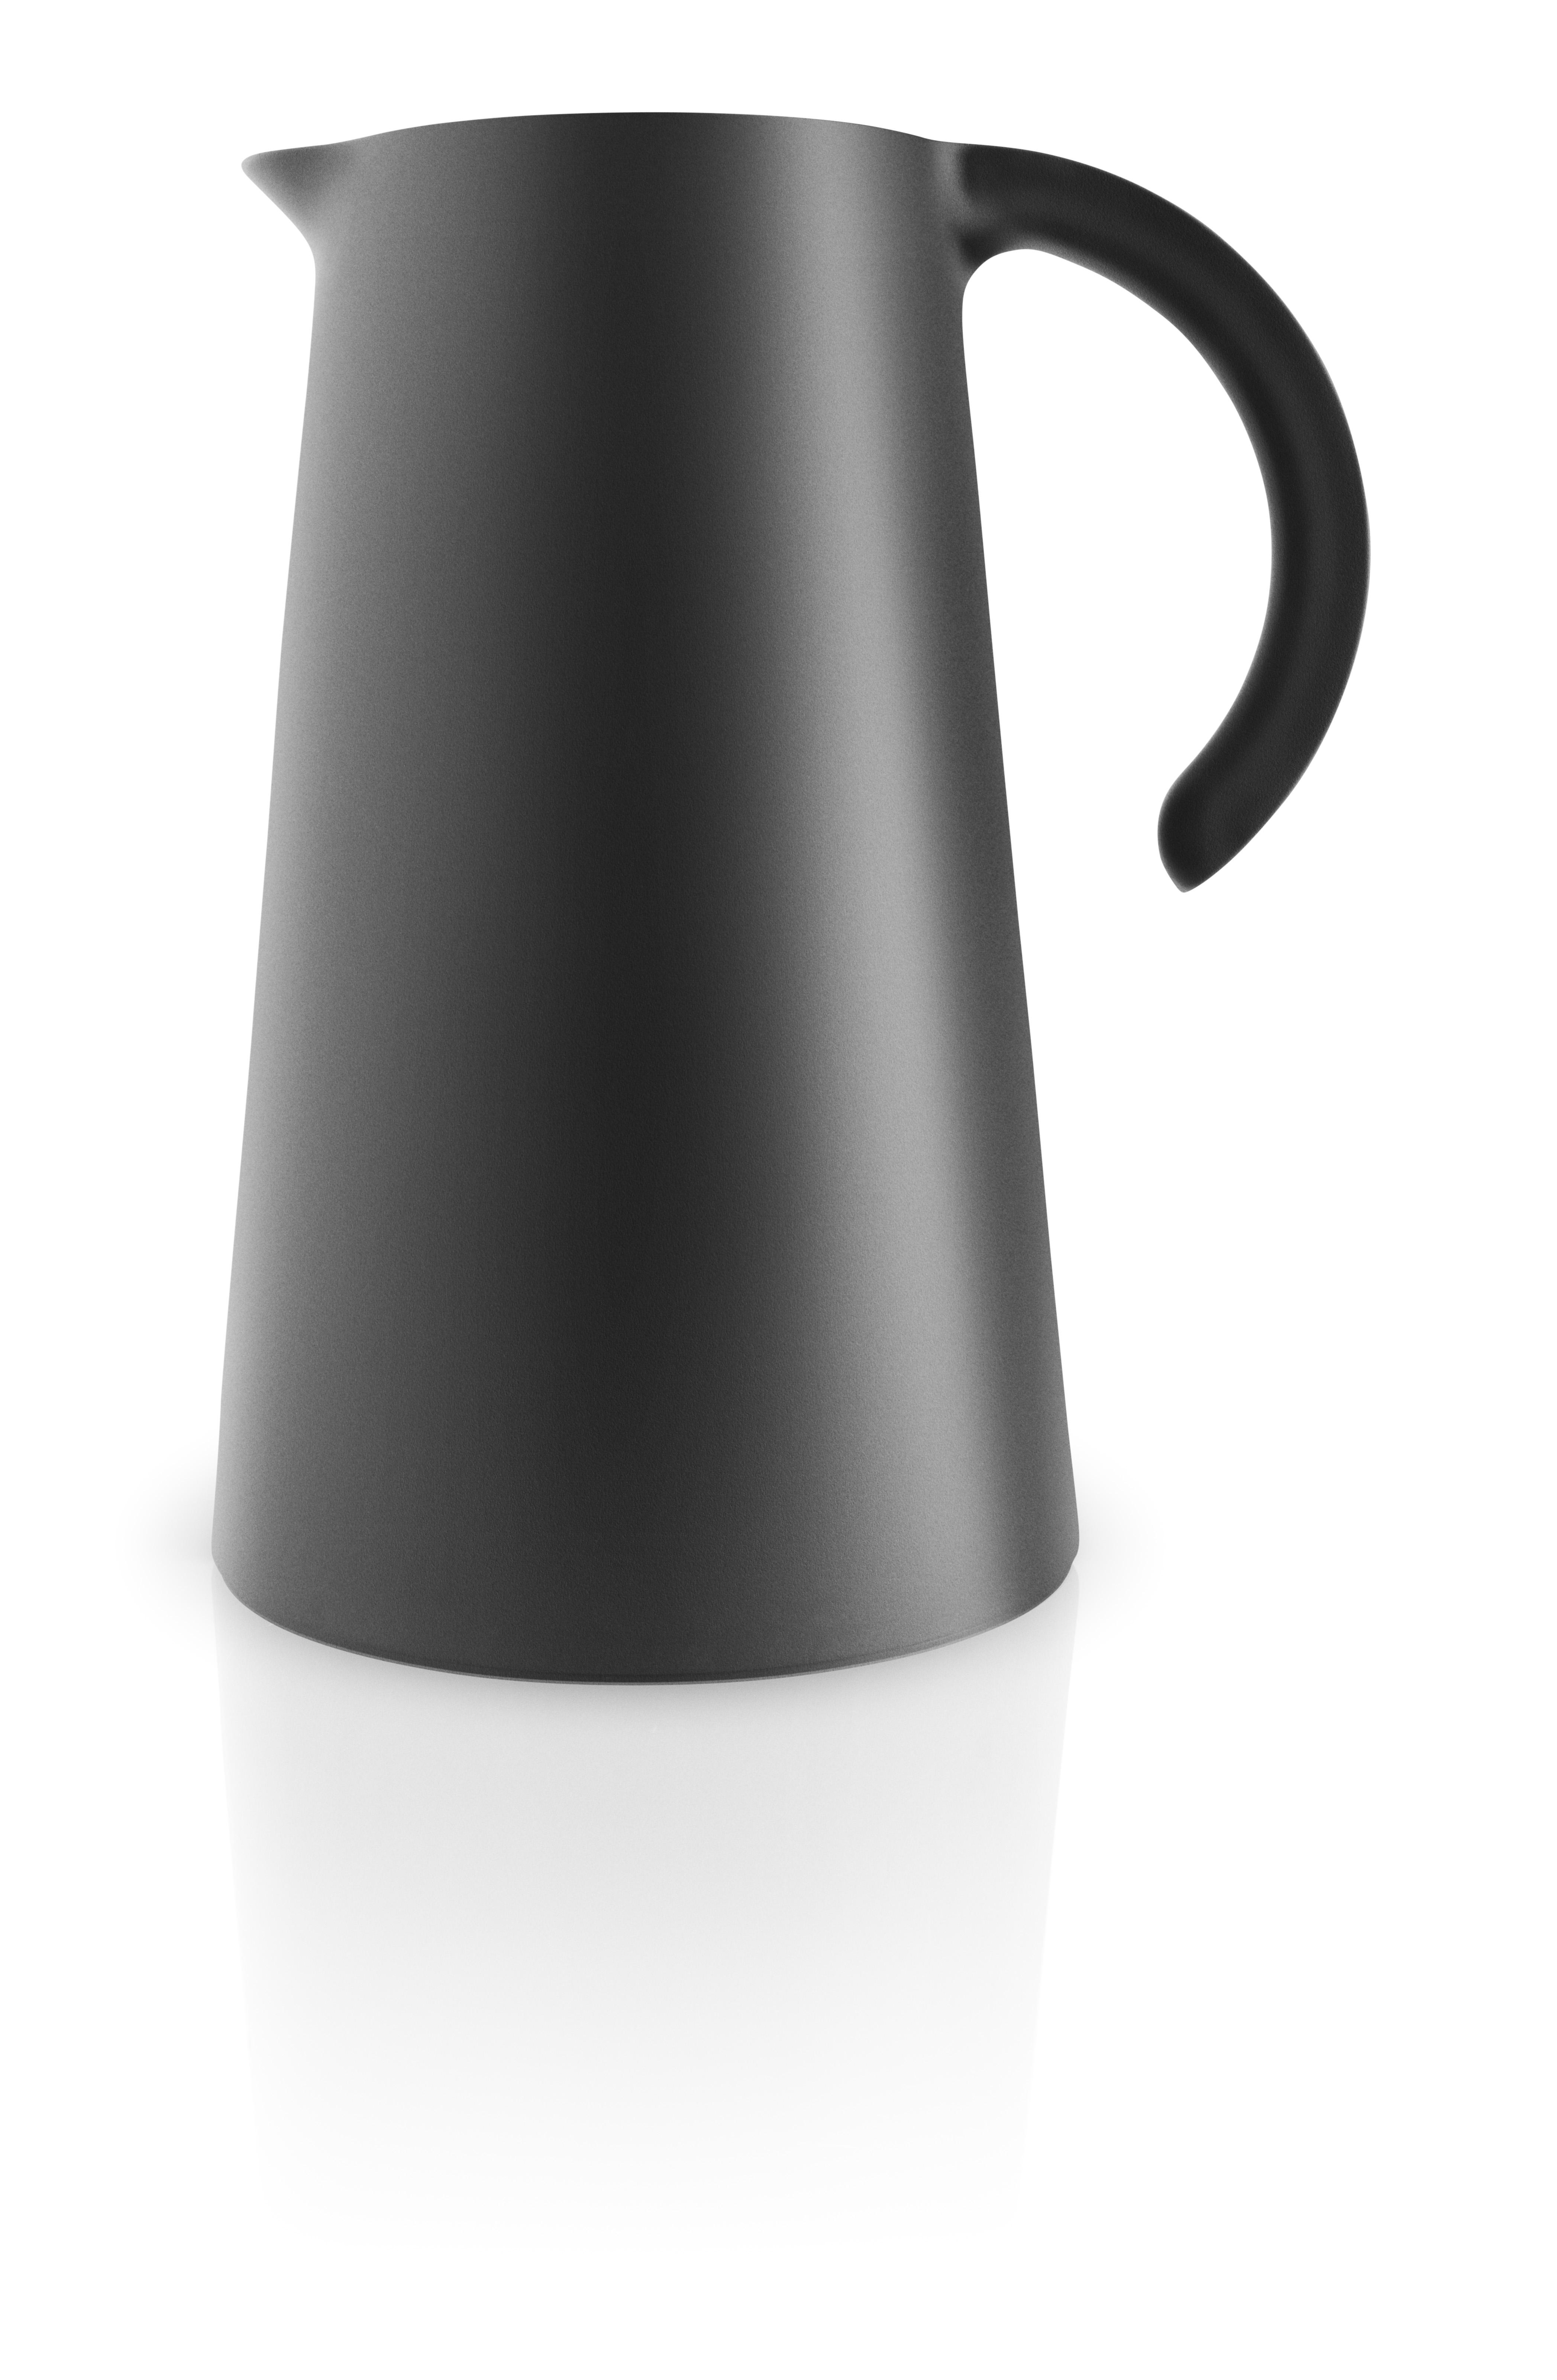 Eva Solo - Rise Vacuum Jug 1 L - Black (502850)